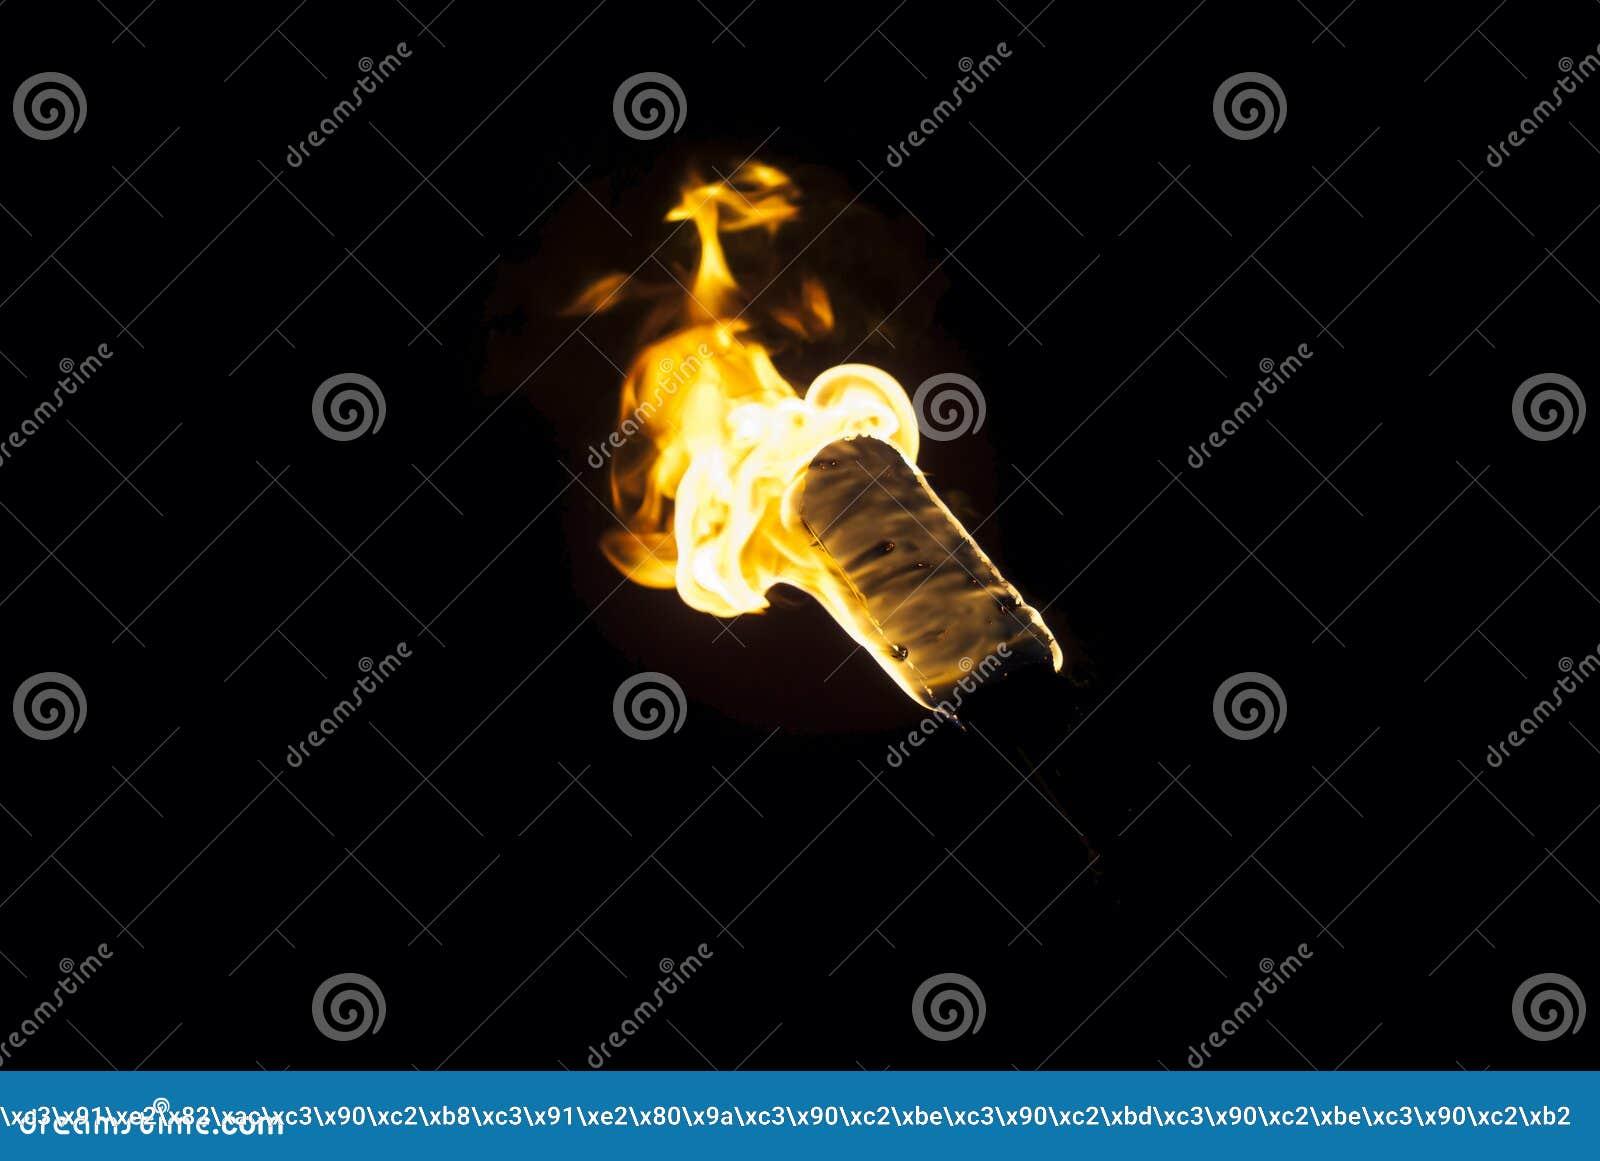 Пламя факела в темноте